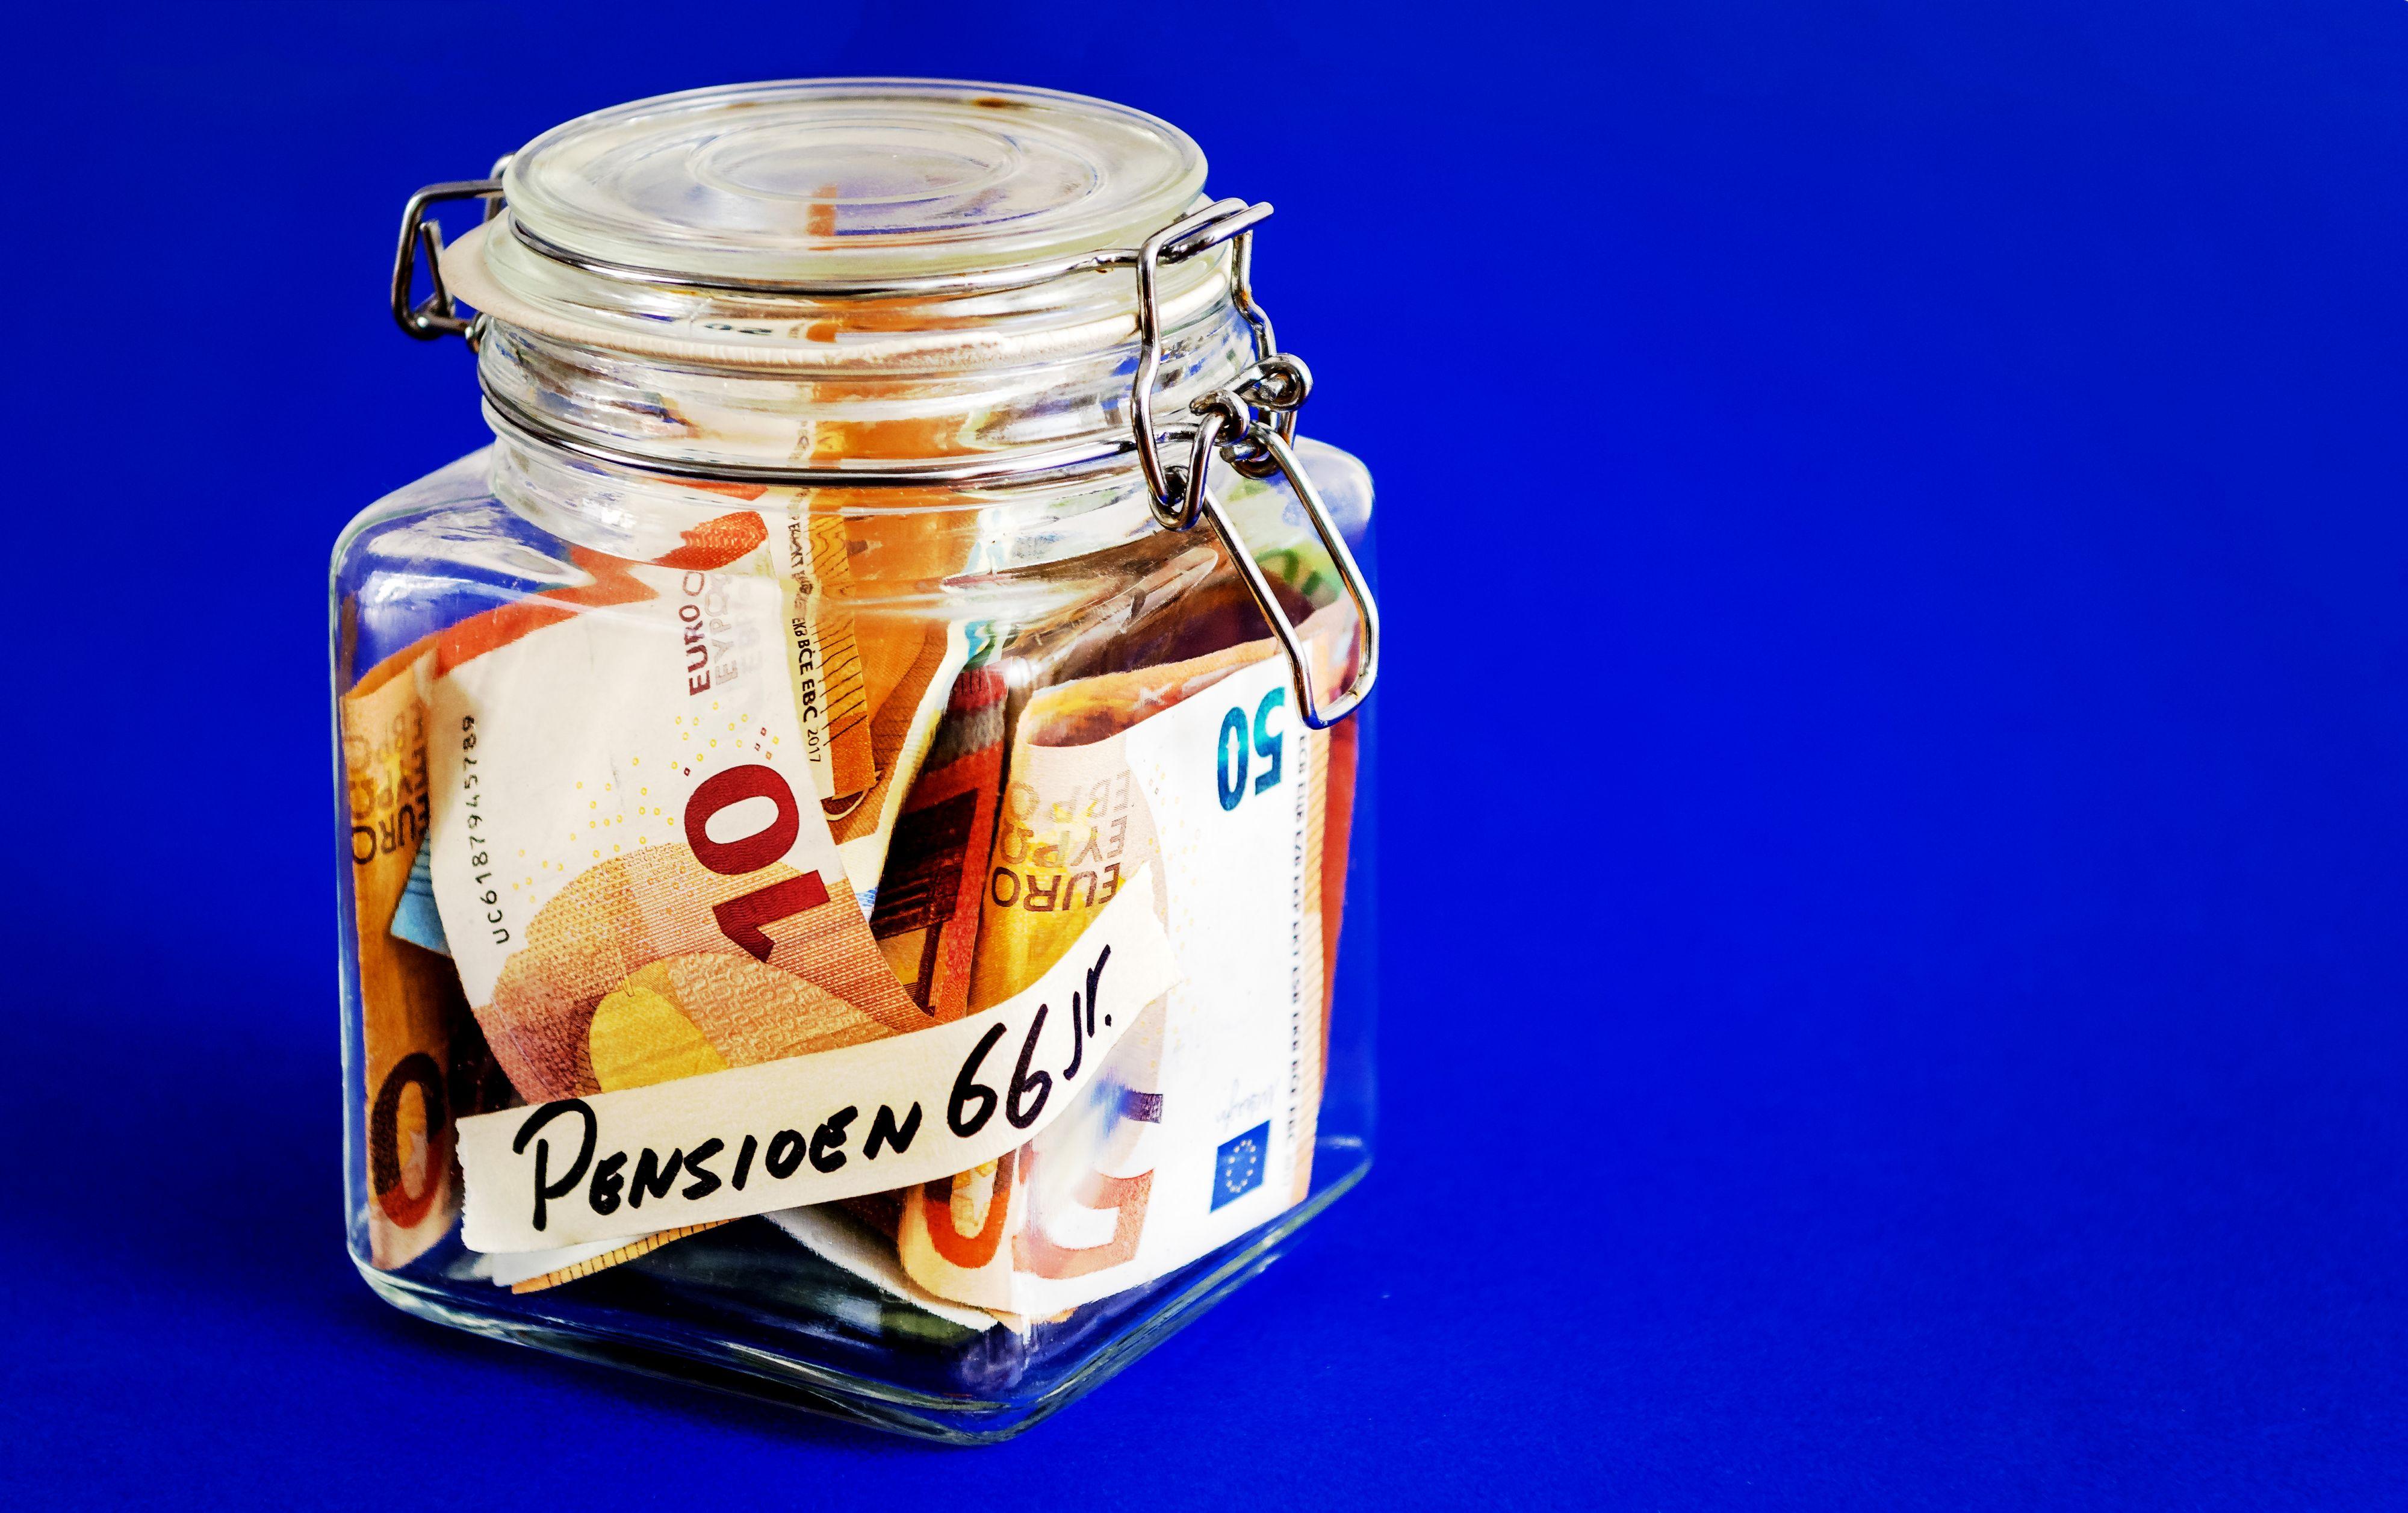 Pensioensparen: 'Start er zo snel mogelijk mee'